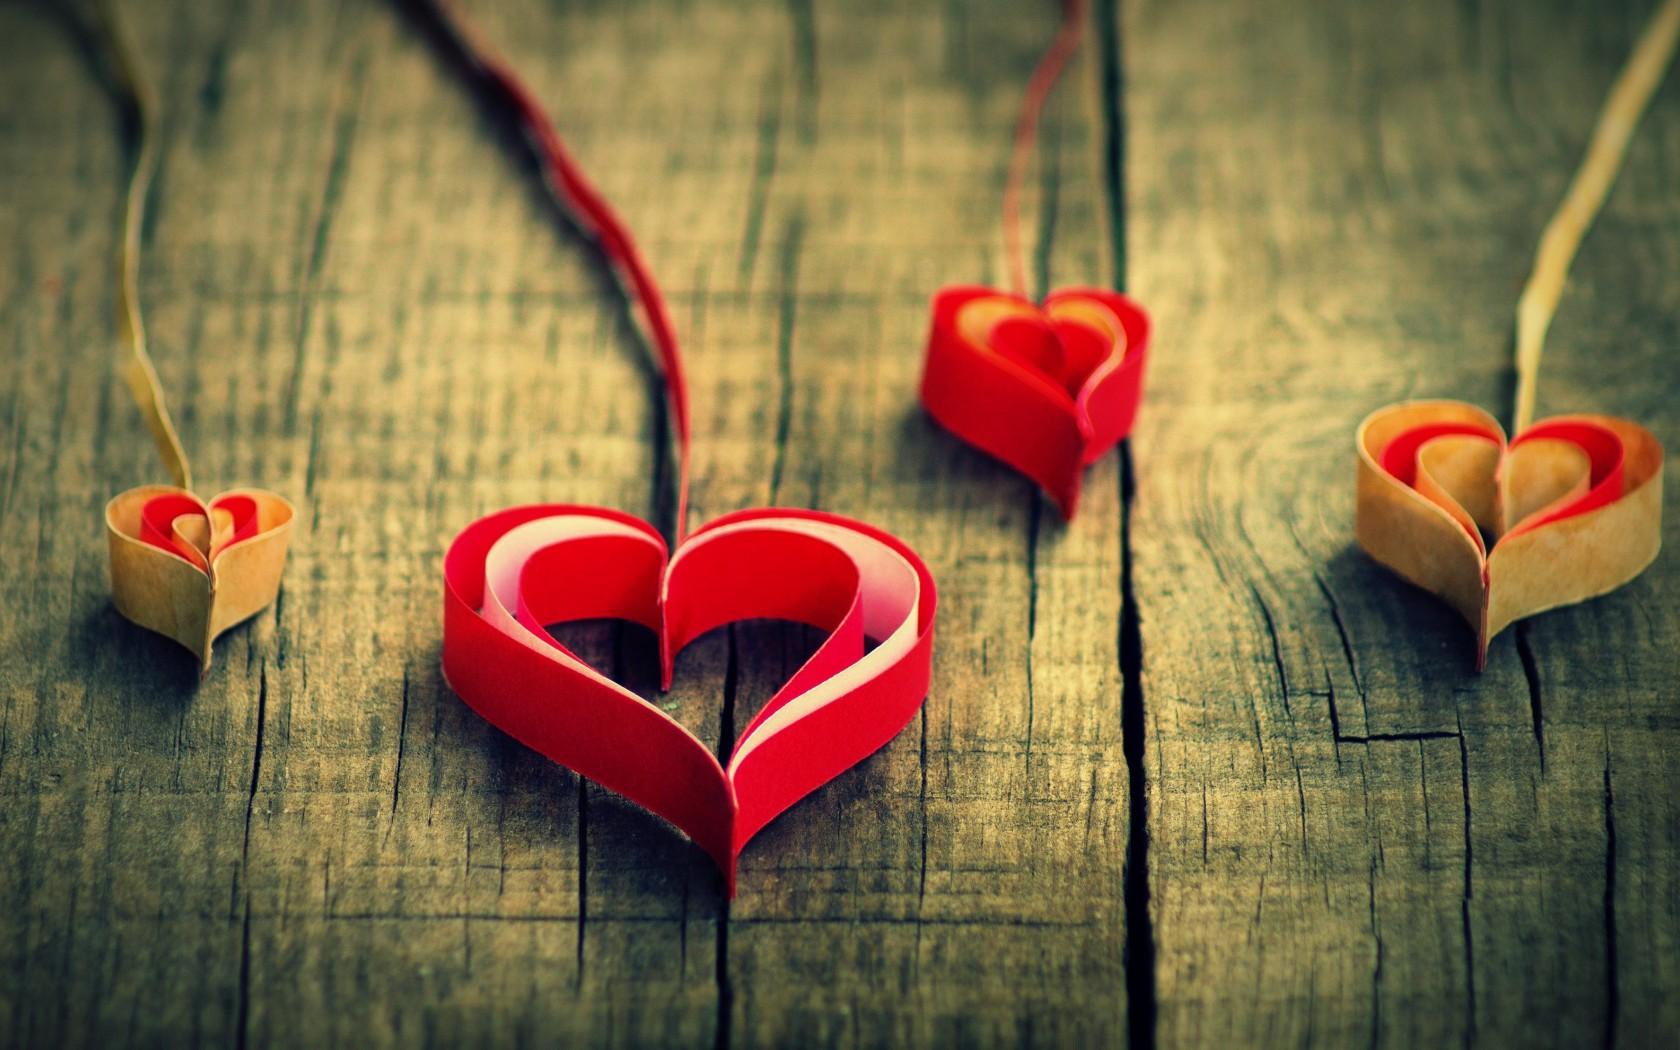 Heart Hd Wallpapers In Full Screen Wallpapersafari